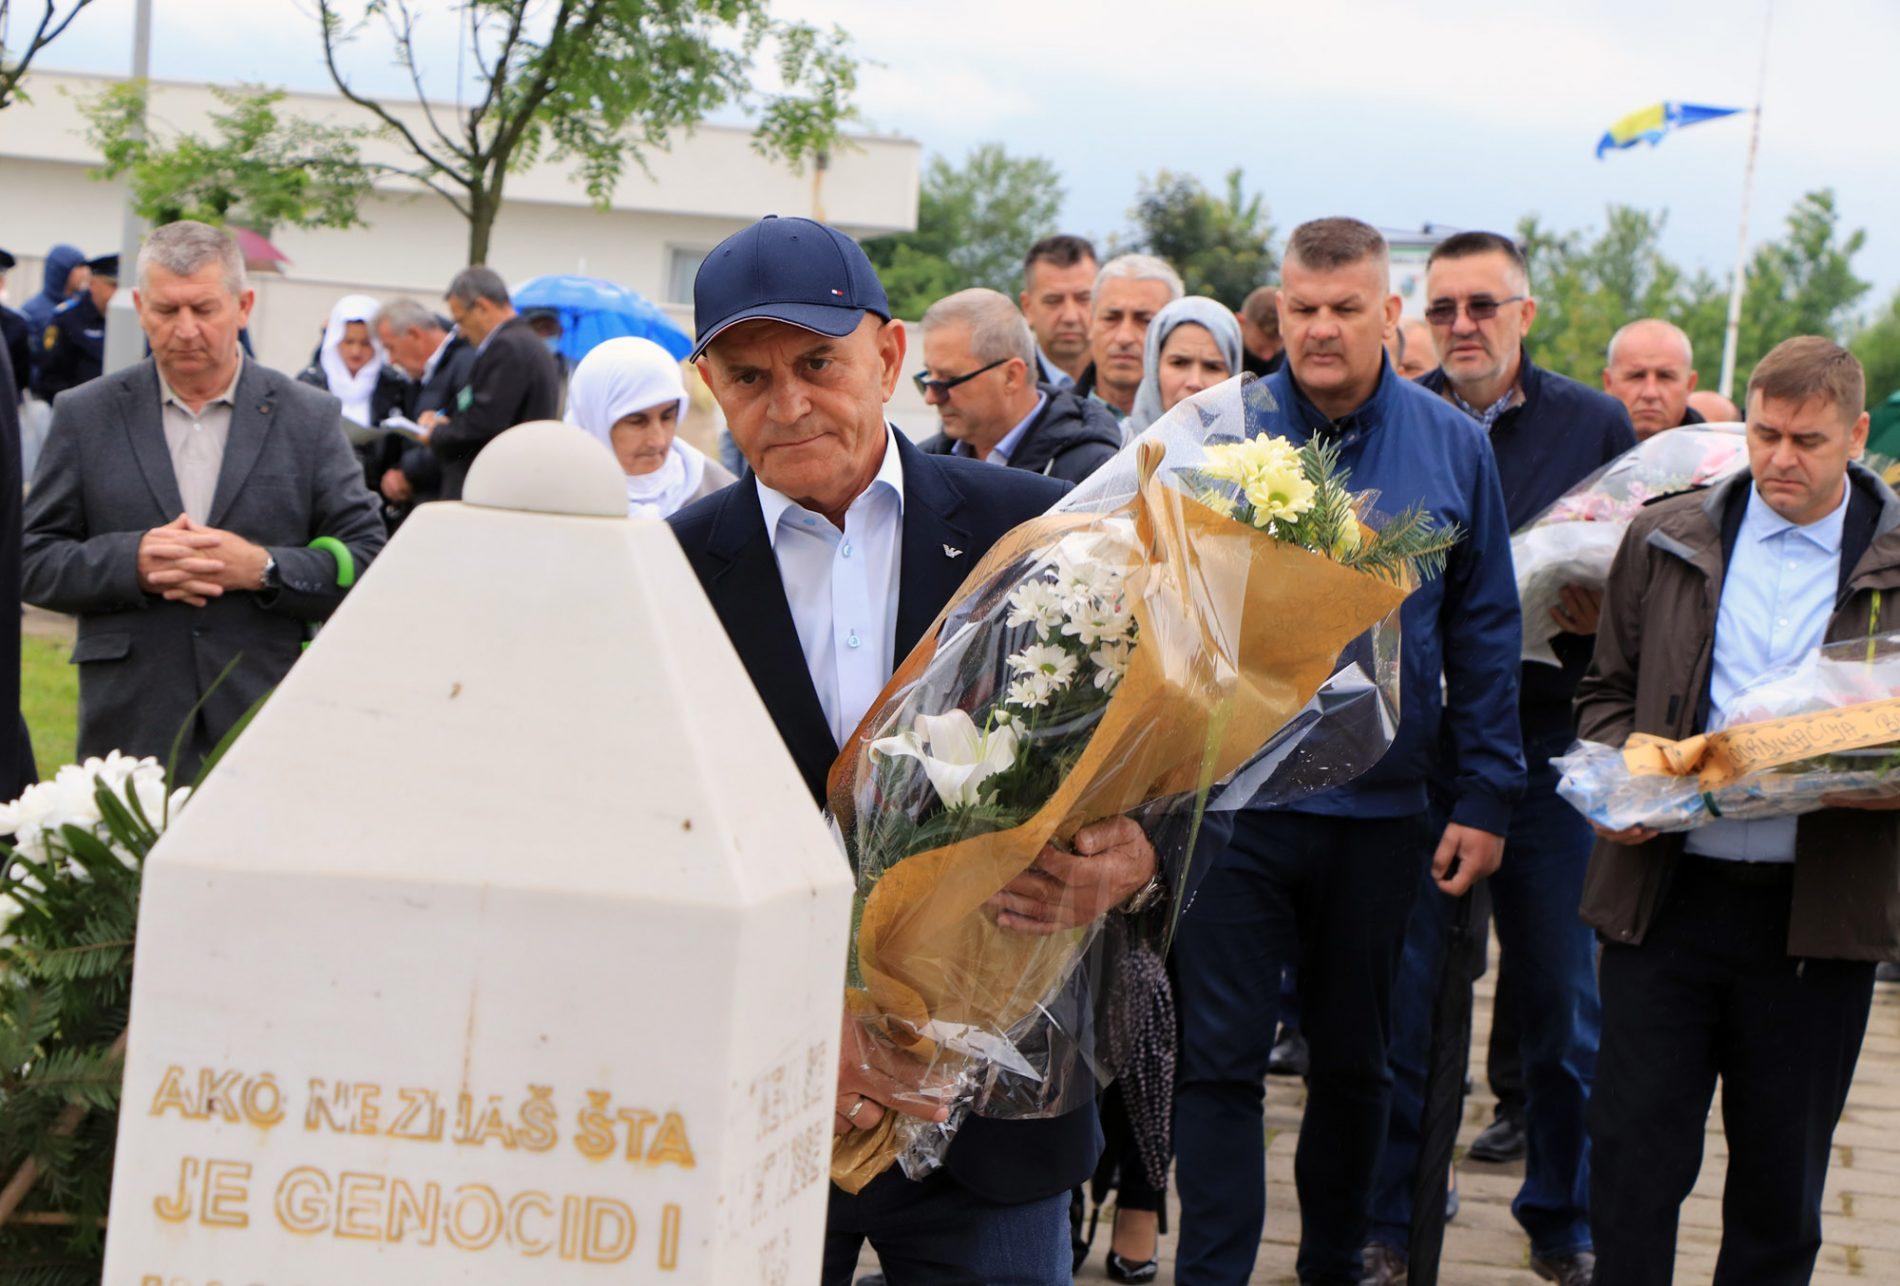 Godišnjica zločina u Bijelom Potoku kod Zvornika: Za 682 ubijenih Bošnjaka nikada niko nije odgovarao!